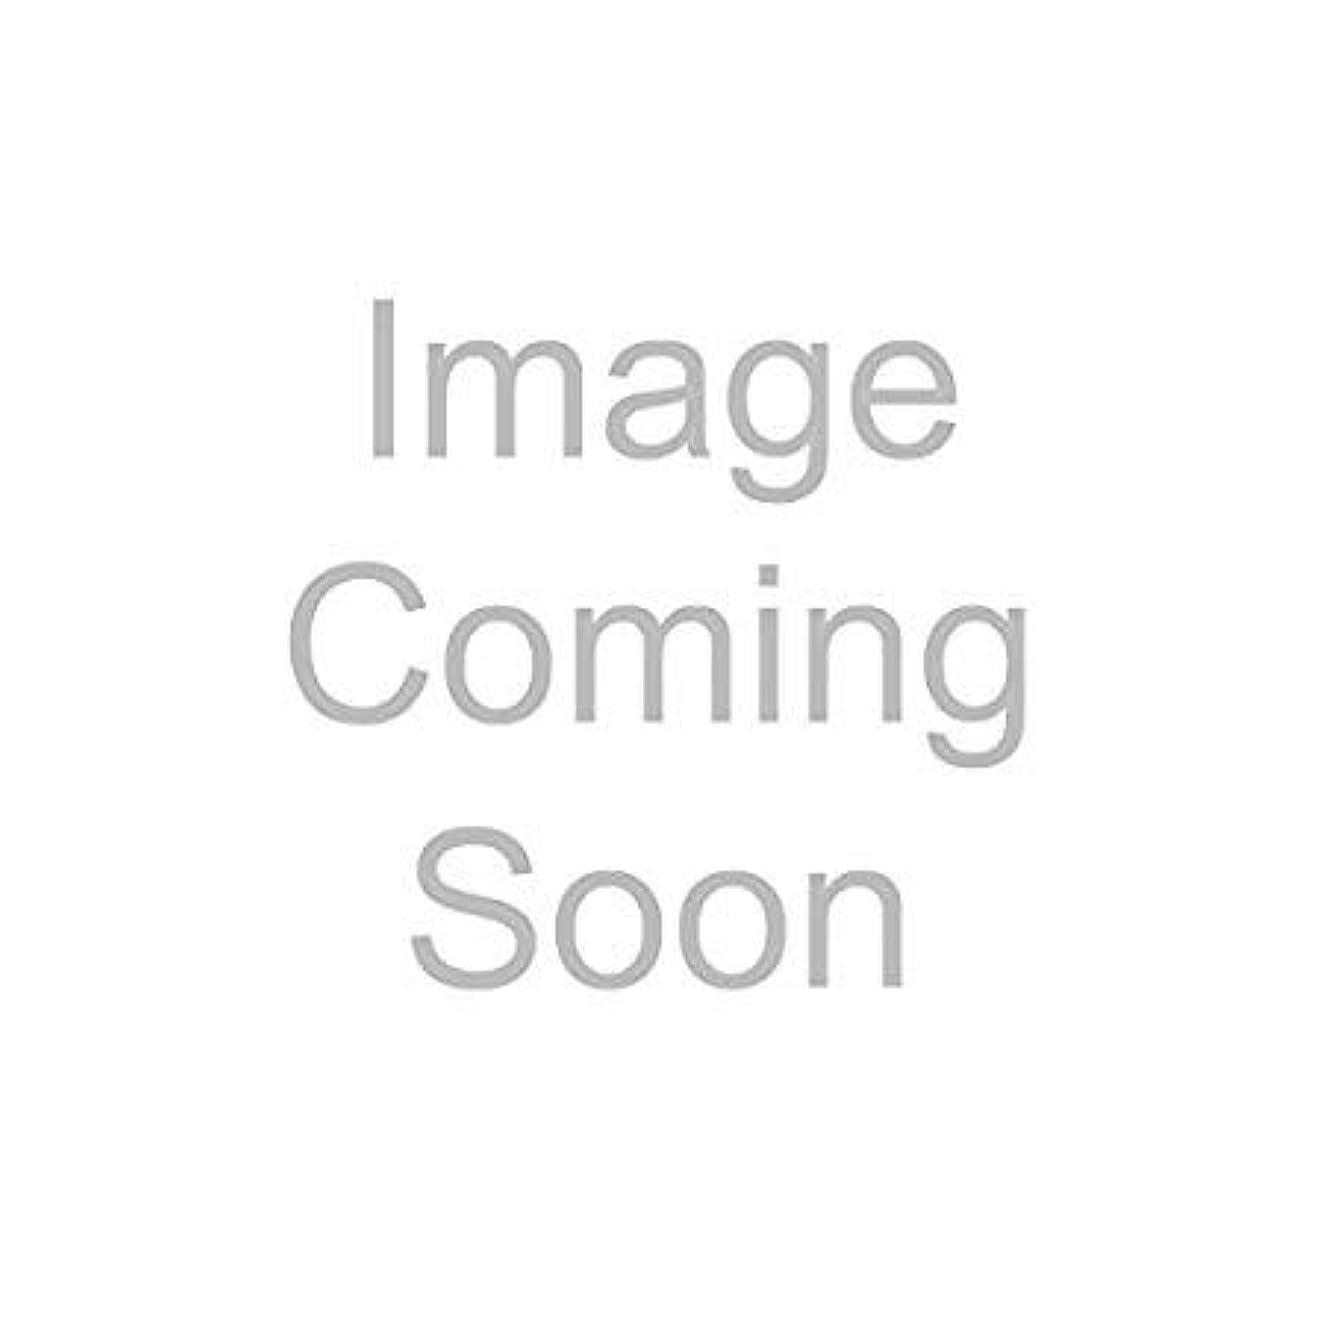 ゲートウェイ電気技師ごみエスティローダー デイウェアアドバンスドマルチプロテクションアンチオキシダントクリームSPF15(ドライスキン用) 50ml/1.7oz